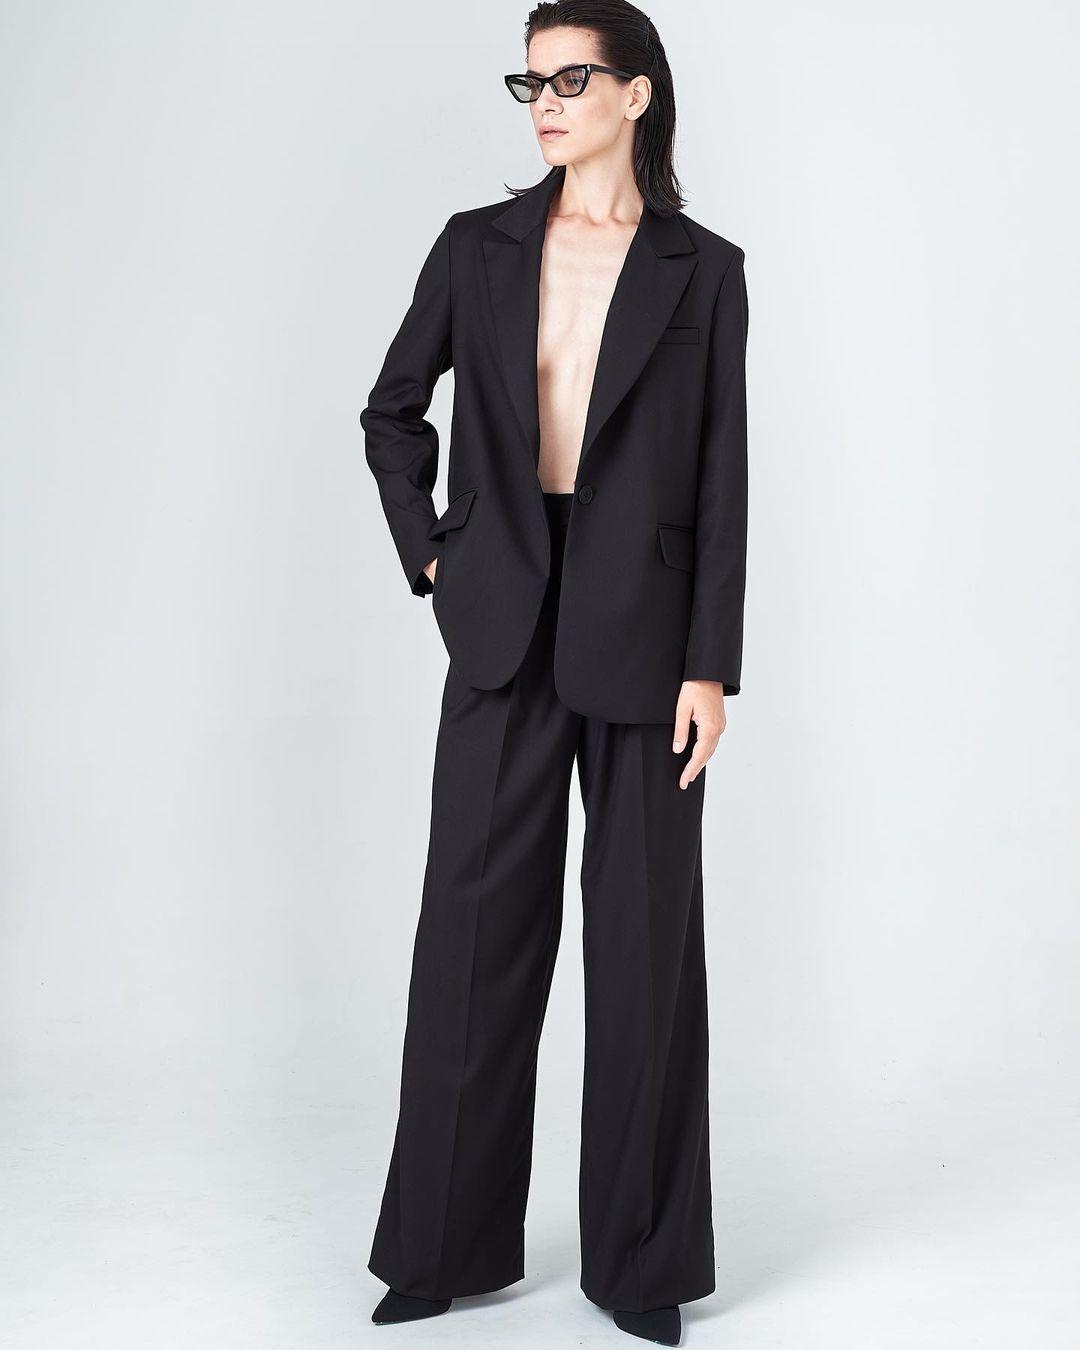 модный женский брючный костюм украинский бренд осень 2021 черный